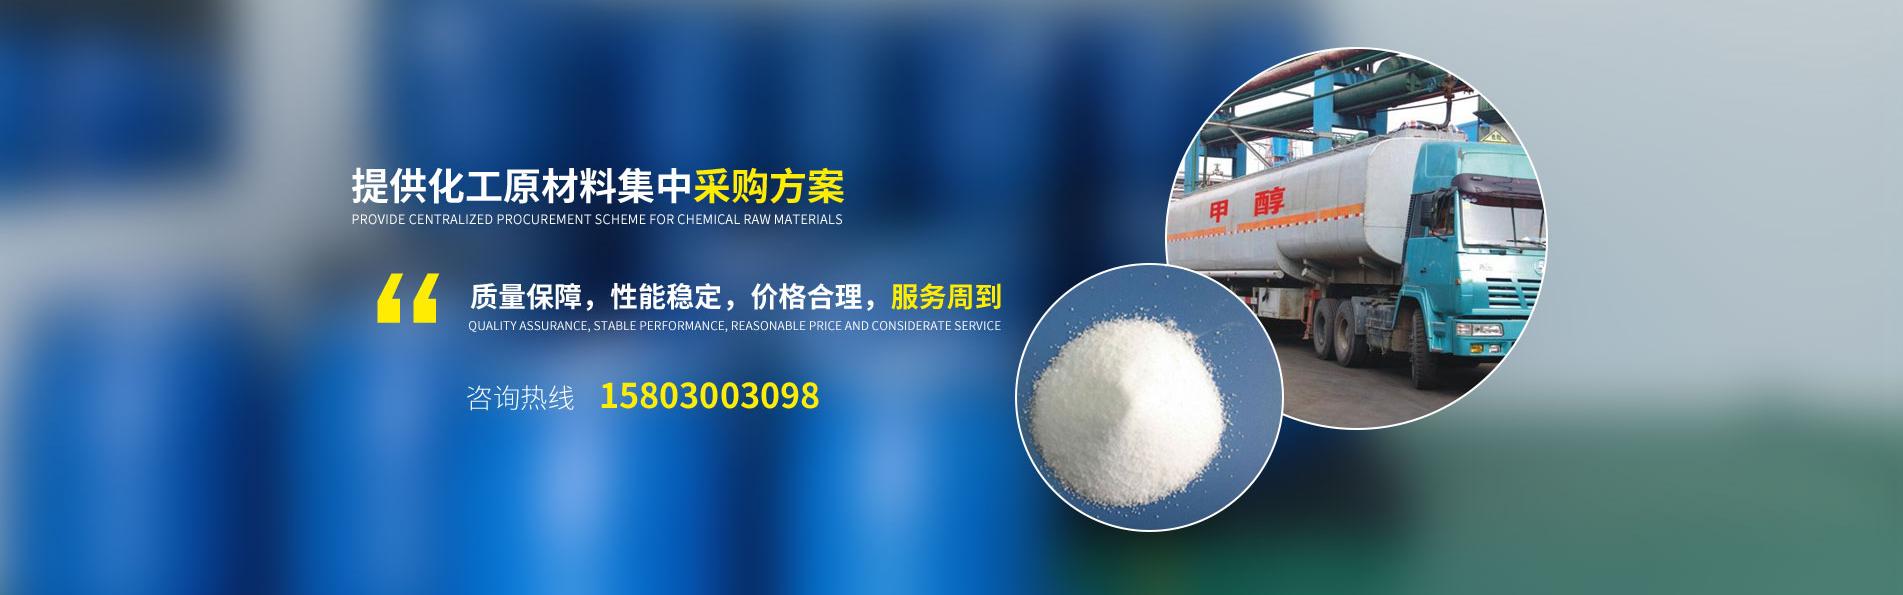 重庆甲醇生产